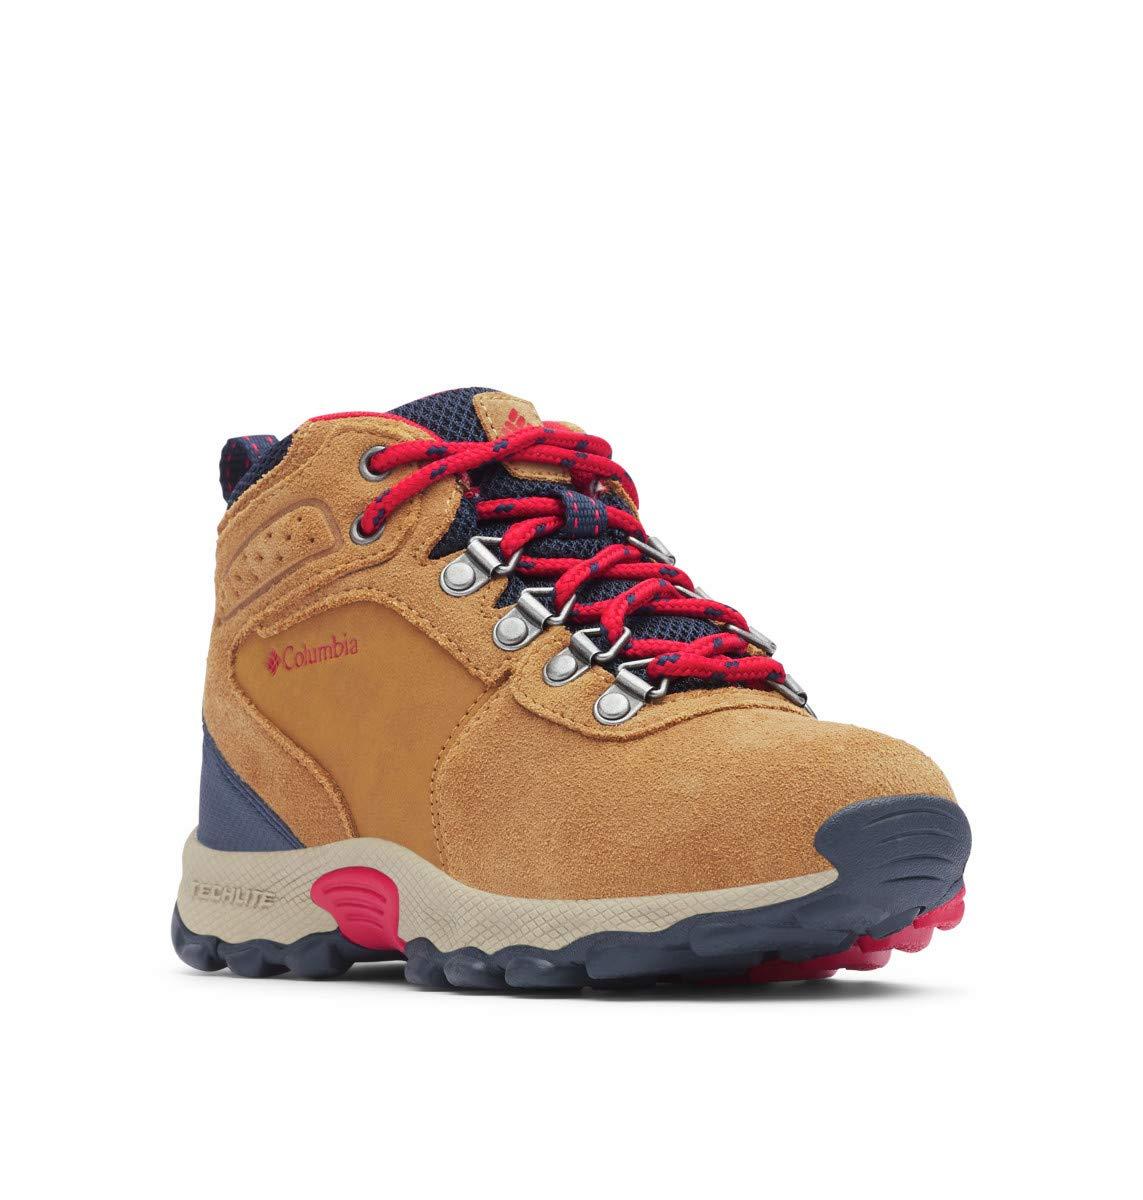 Columbia Unisex Youth Newton Ridge Suede Hiking Boot, elk, Mountain red, 7 Regular US Big Kid